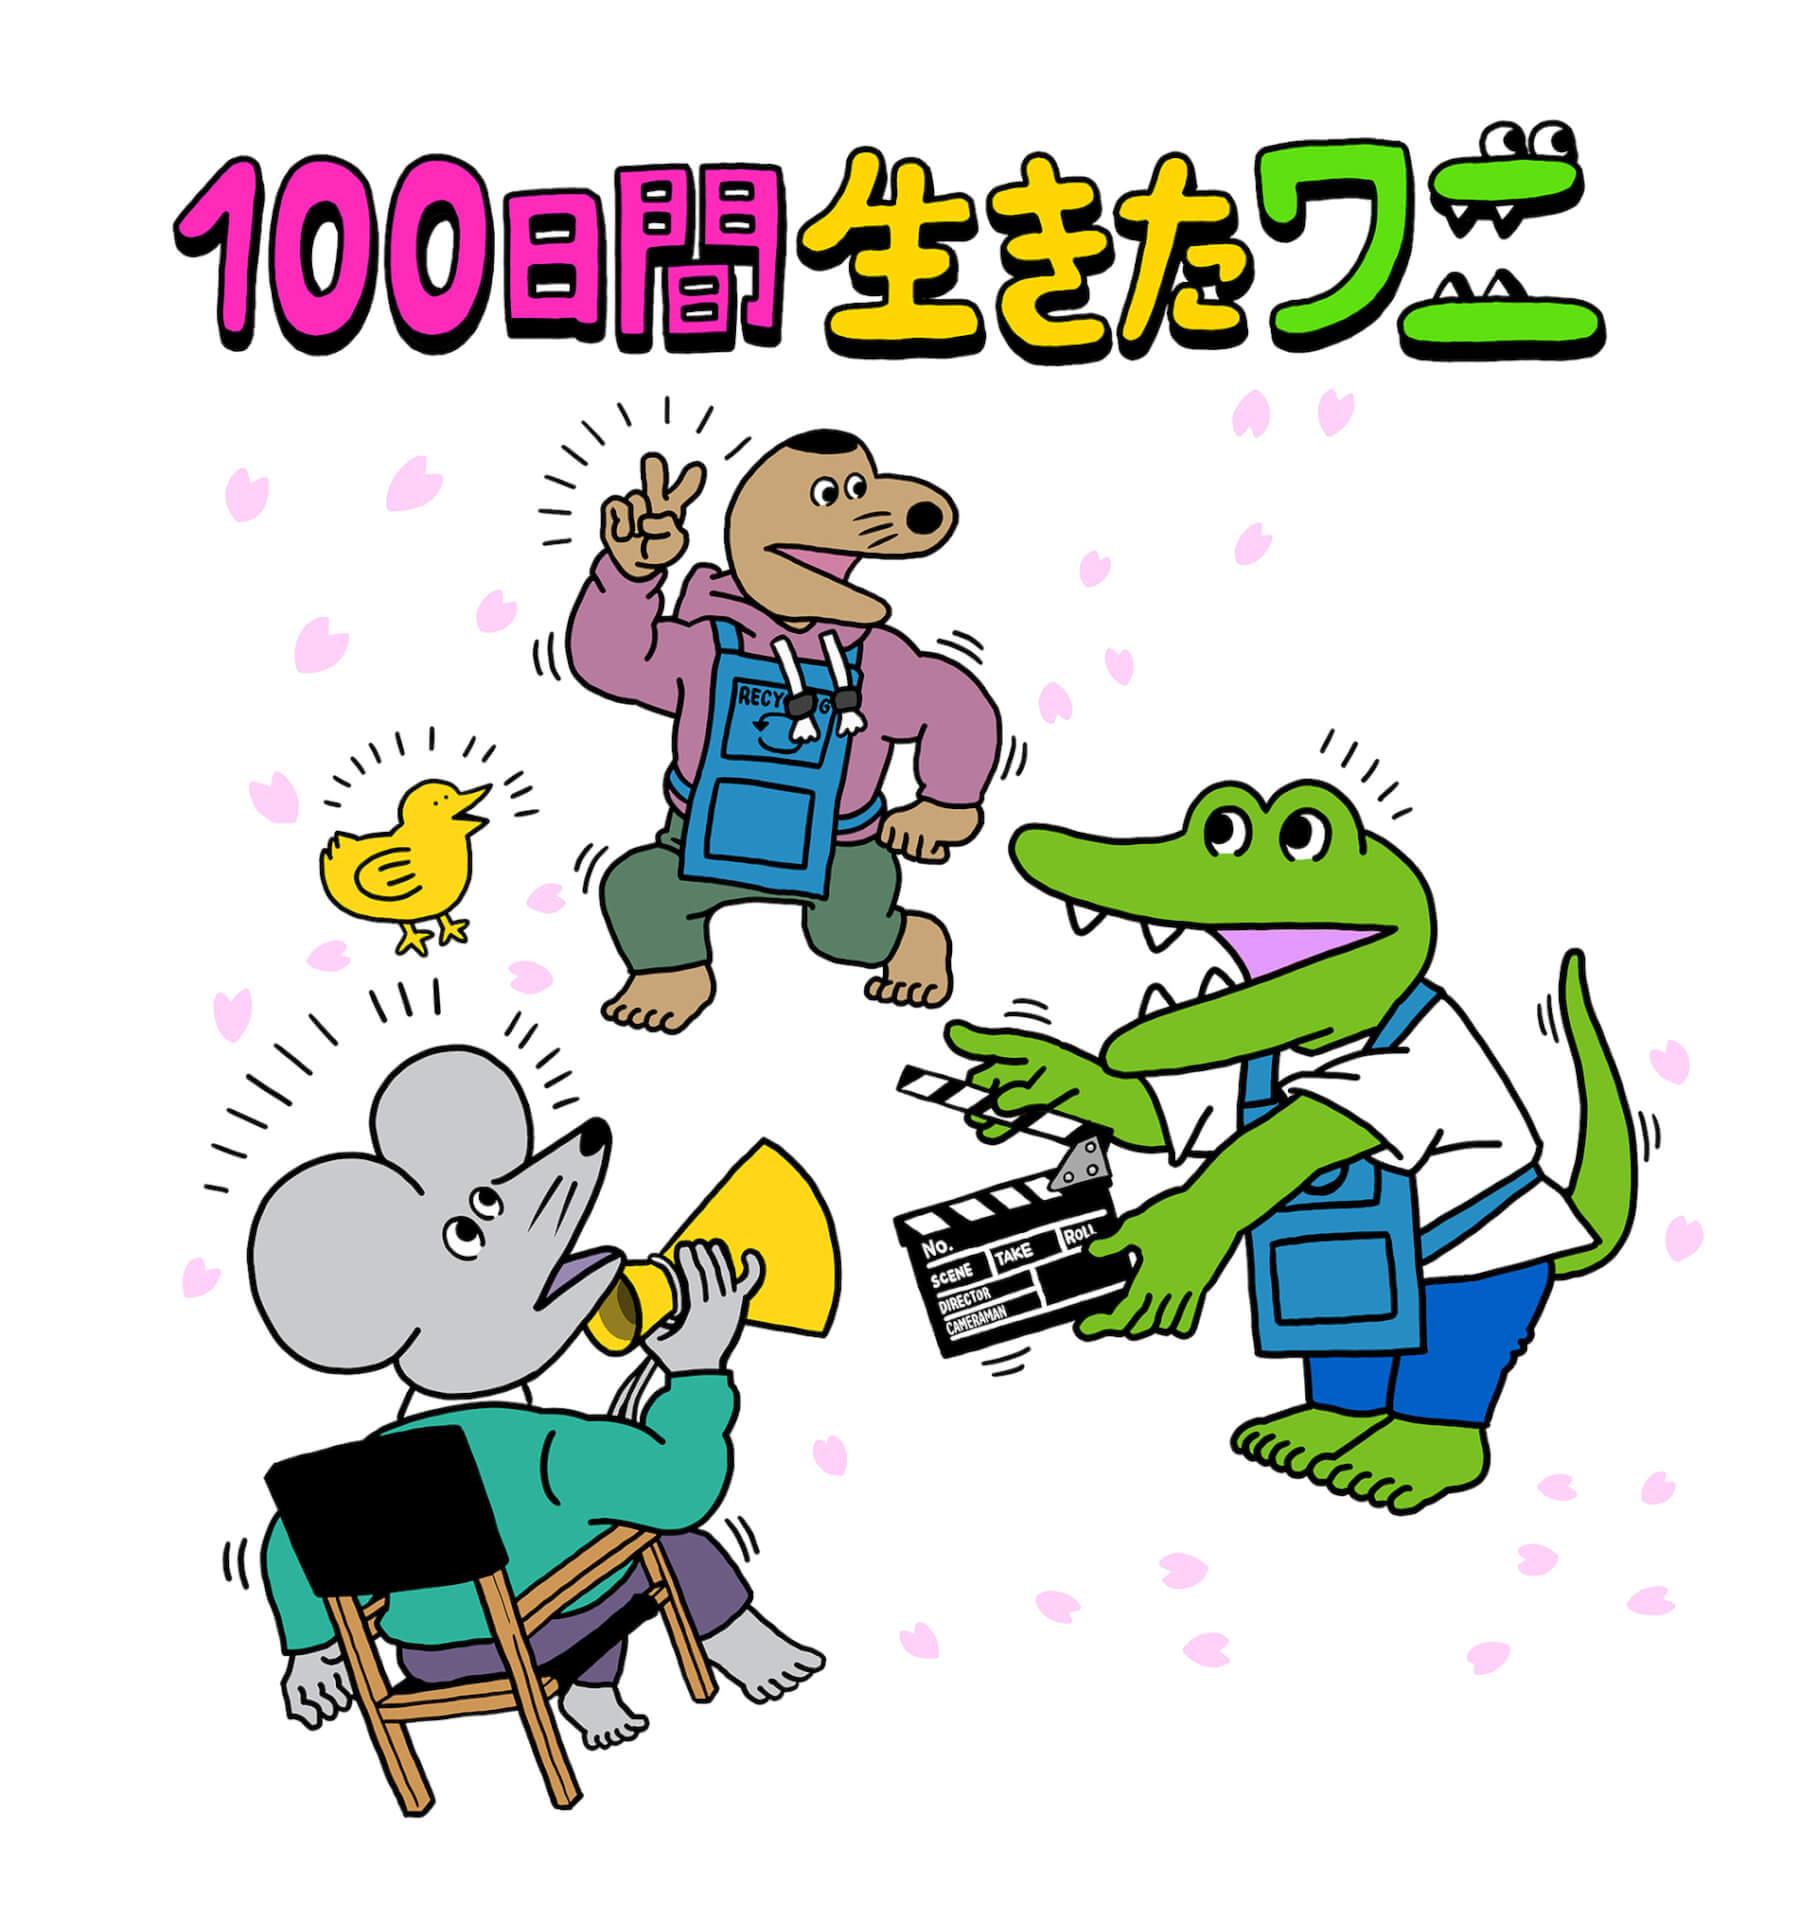 『100日後に死ぬワニ』が神木隆之介主演でアニメ映画化!中村倫也、木村昴、新木優子ら出演の『100日間生きたワニ』が公開決定 film210217_100wani_movie_2